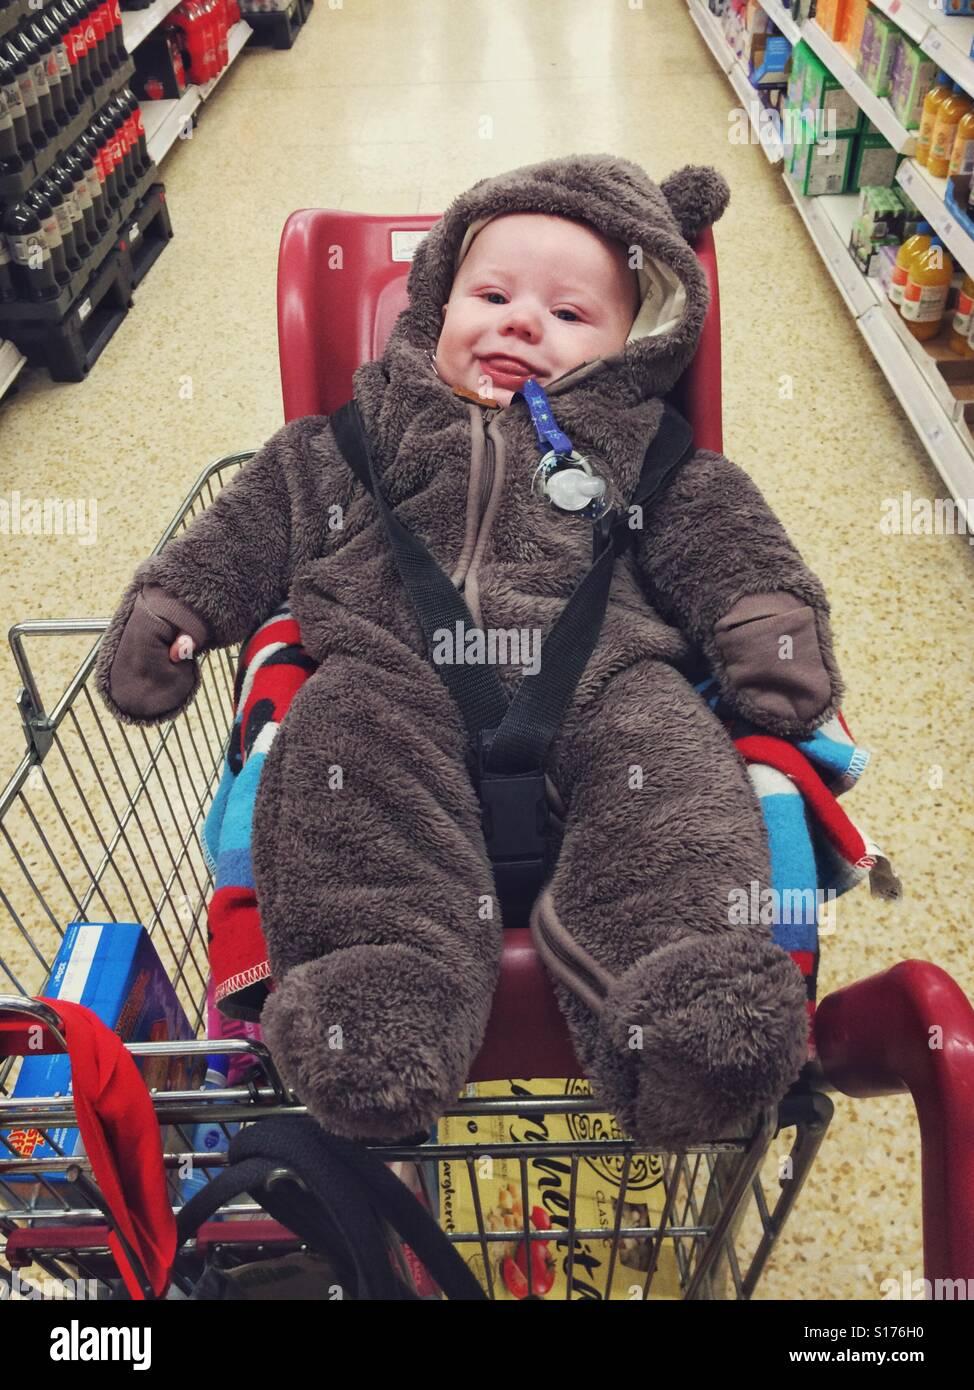 f8bda7cd366423 Drei Monate altes Baby junge trägt einen Anzug tragen. Sitzen in einem  Supermarkt Einkaufswagen